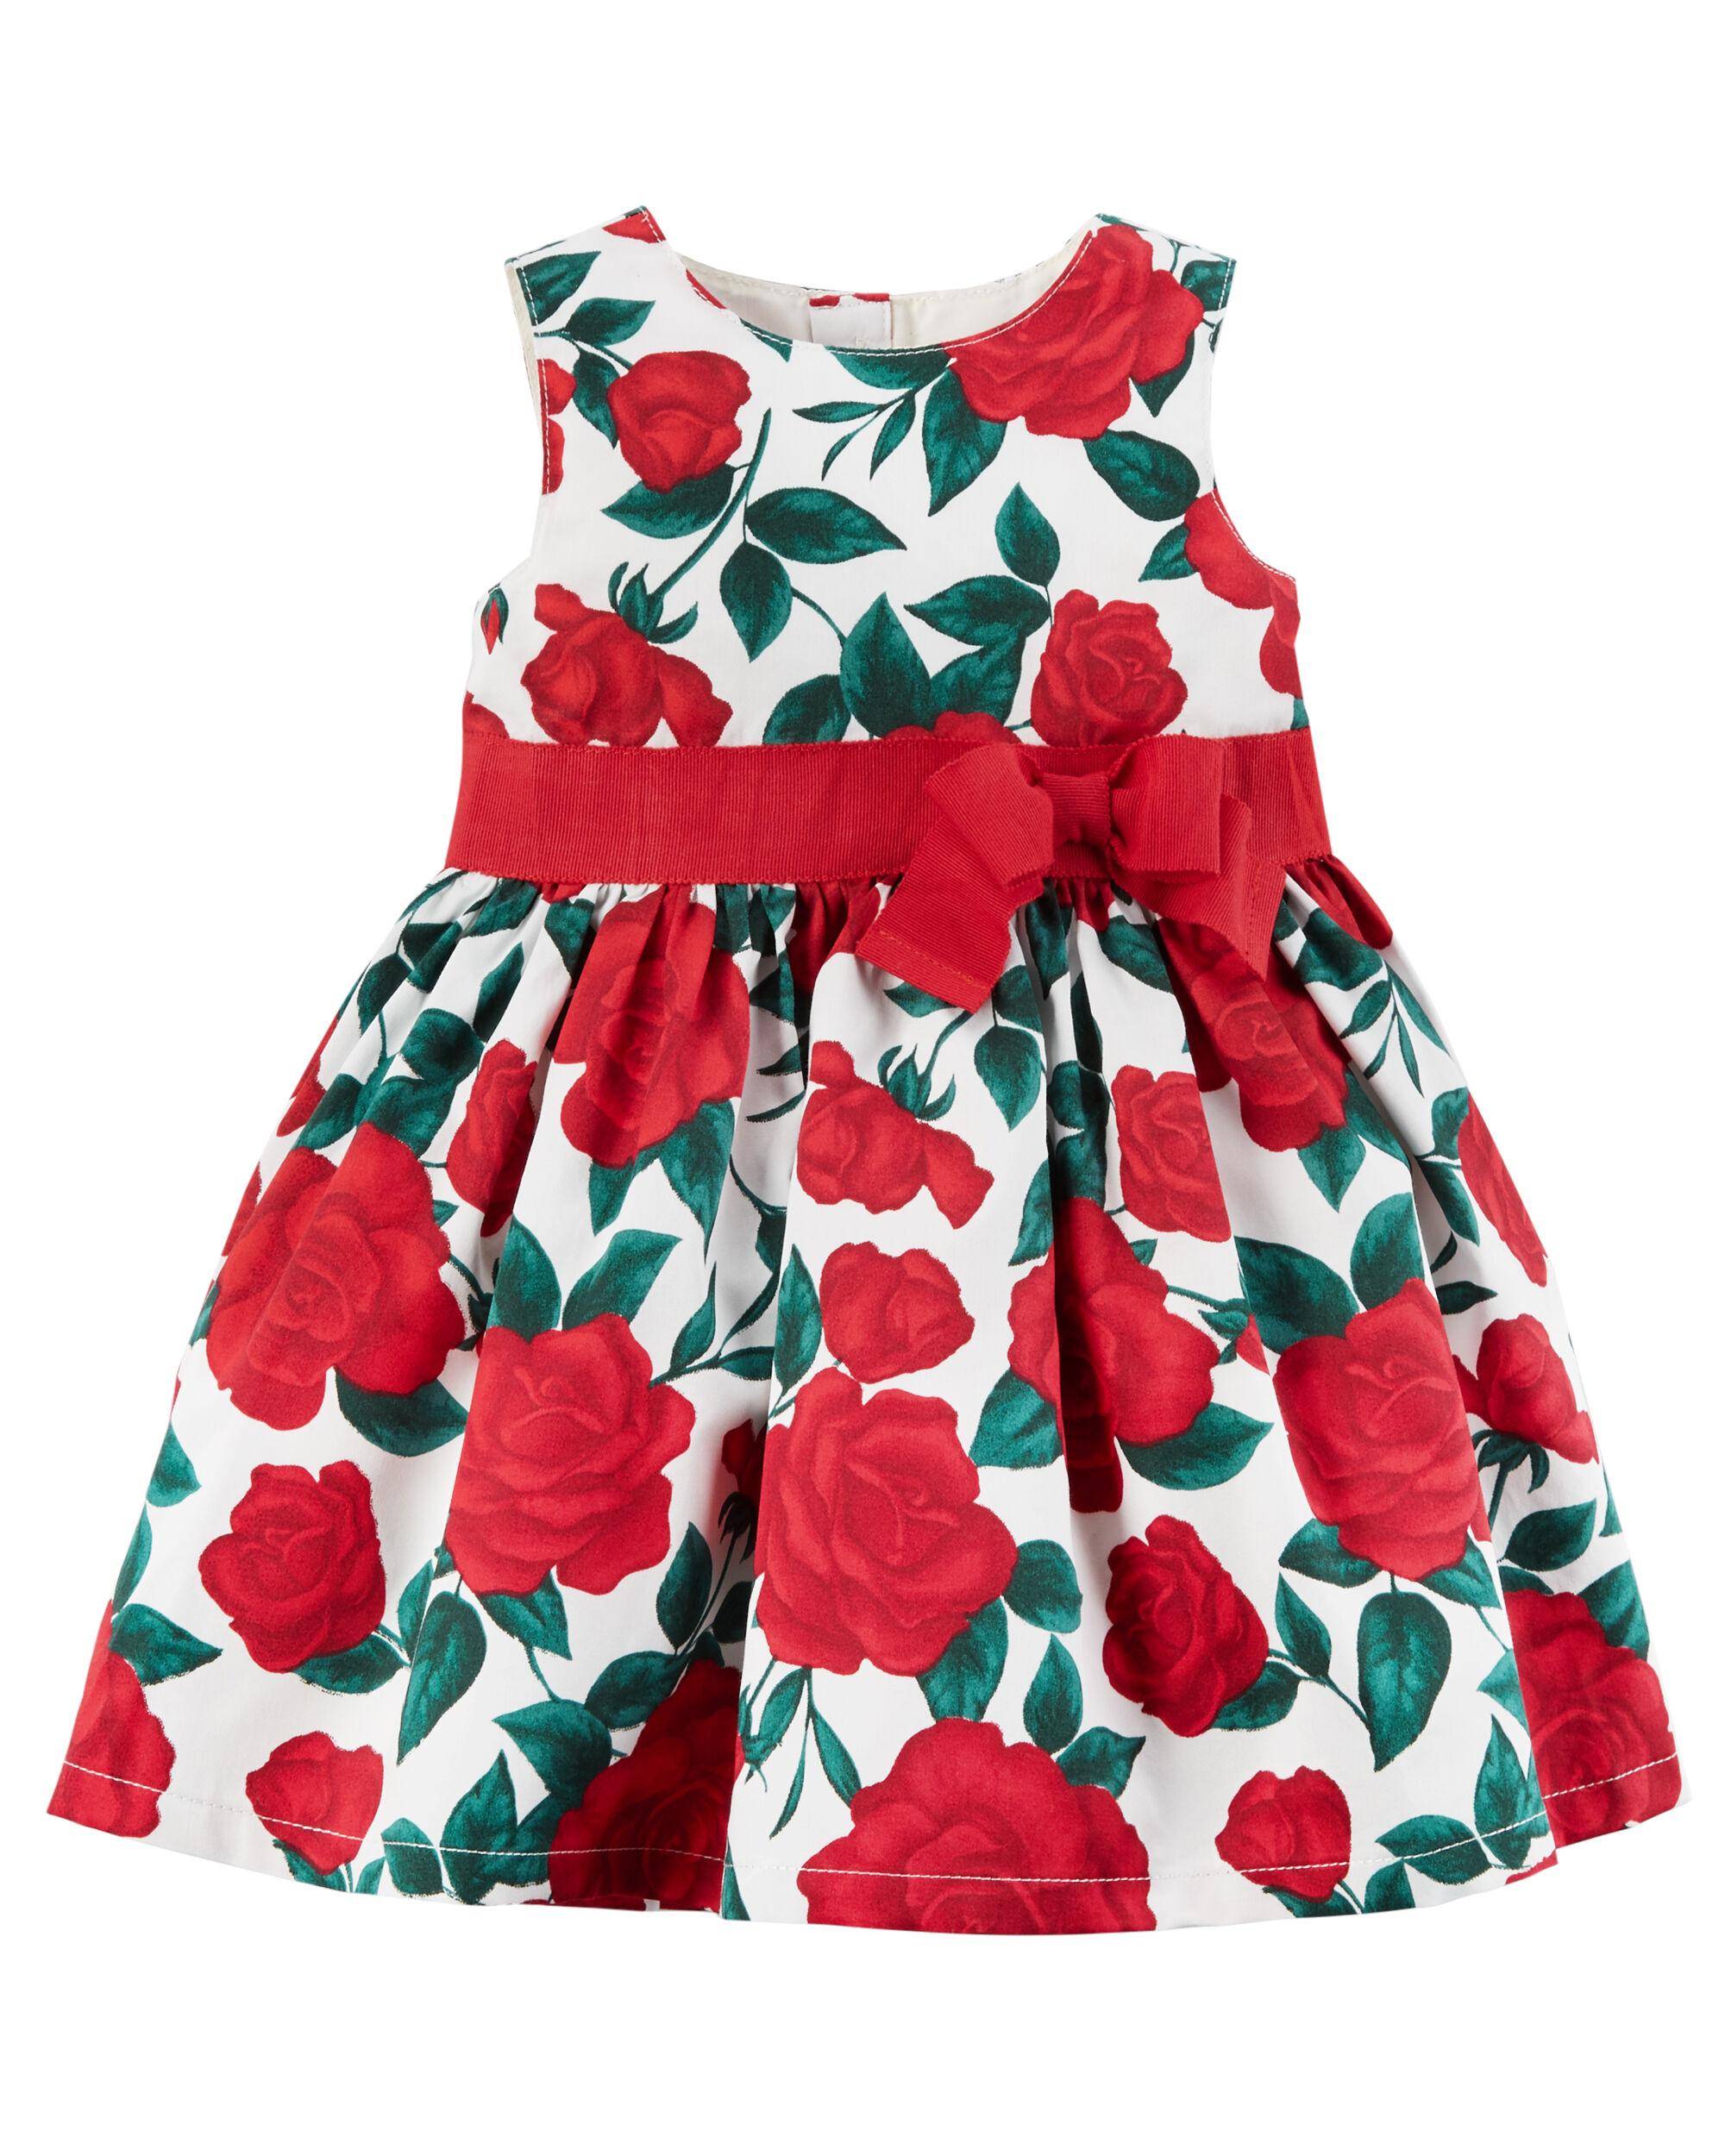 Rose Bow Dress ...  sc 1 st  Carteru0027s & Rose Bow Dress | Carters.com